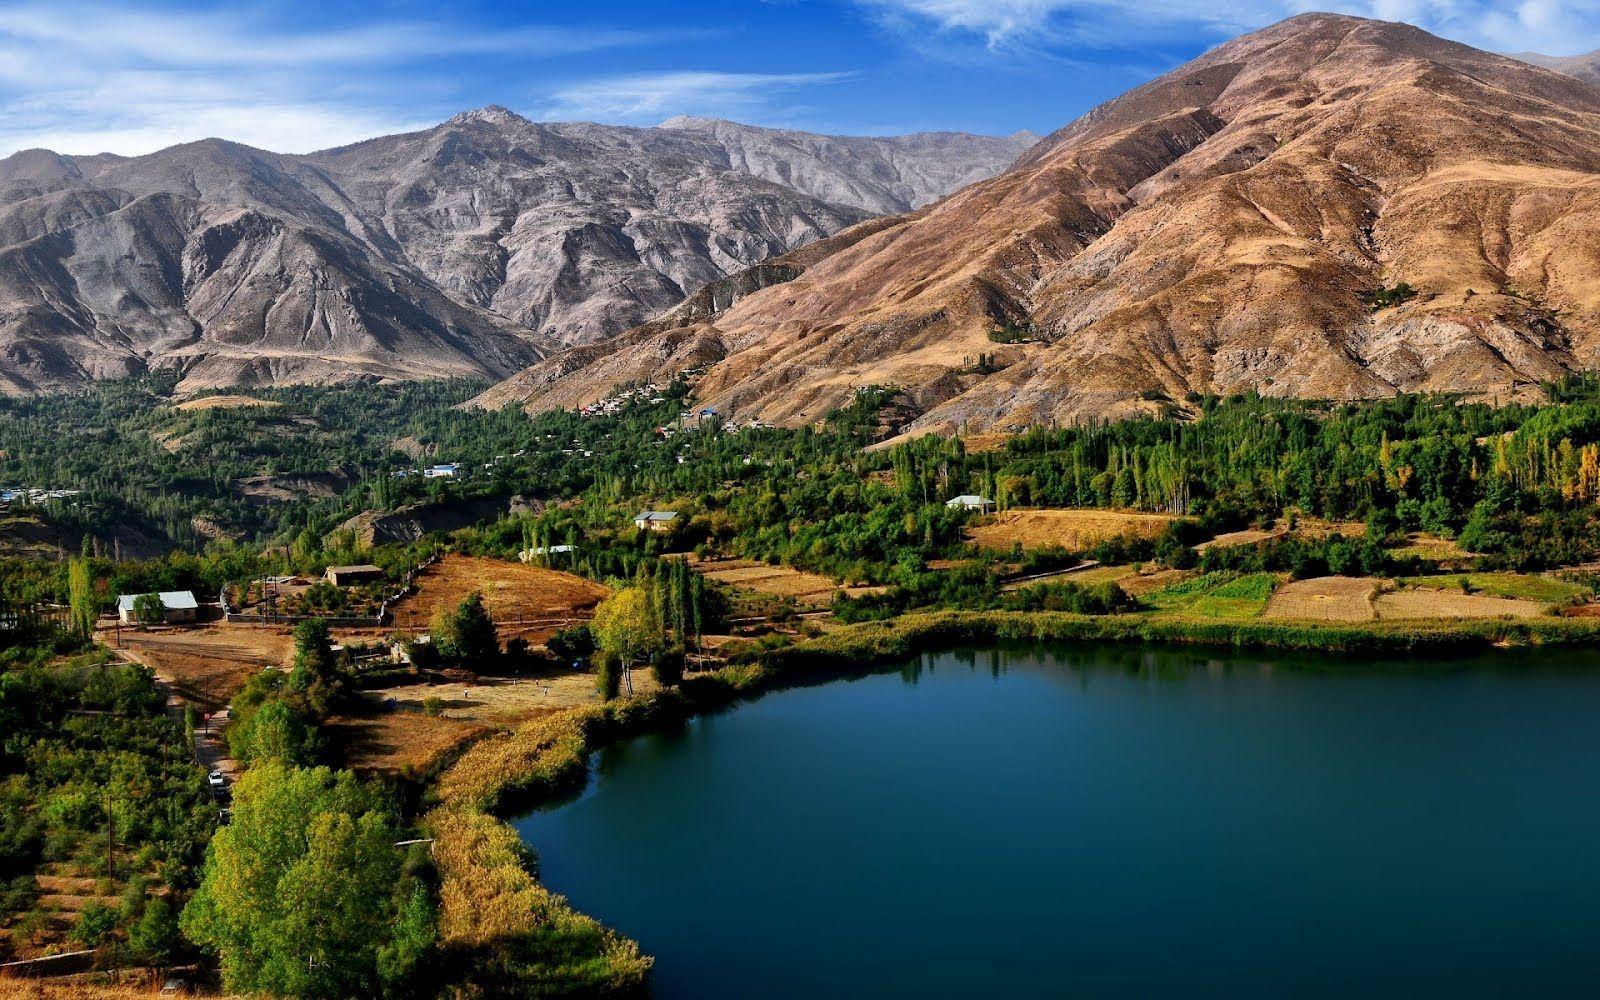 Conozca usted el hermoso Lago Ovan en la ciudad de Irán